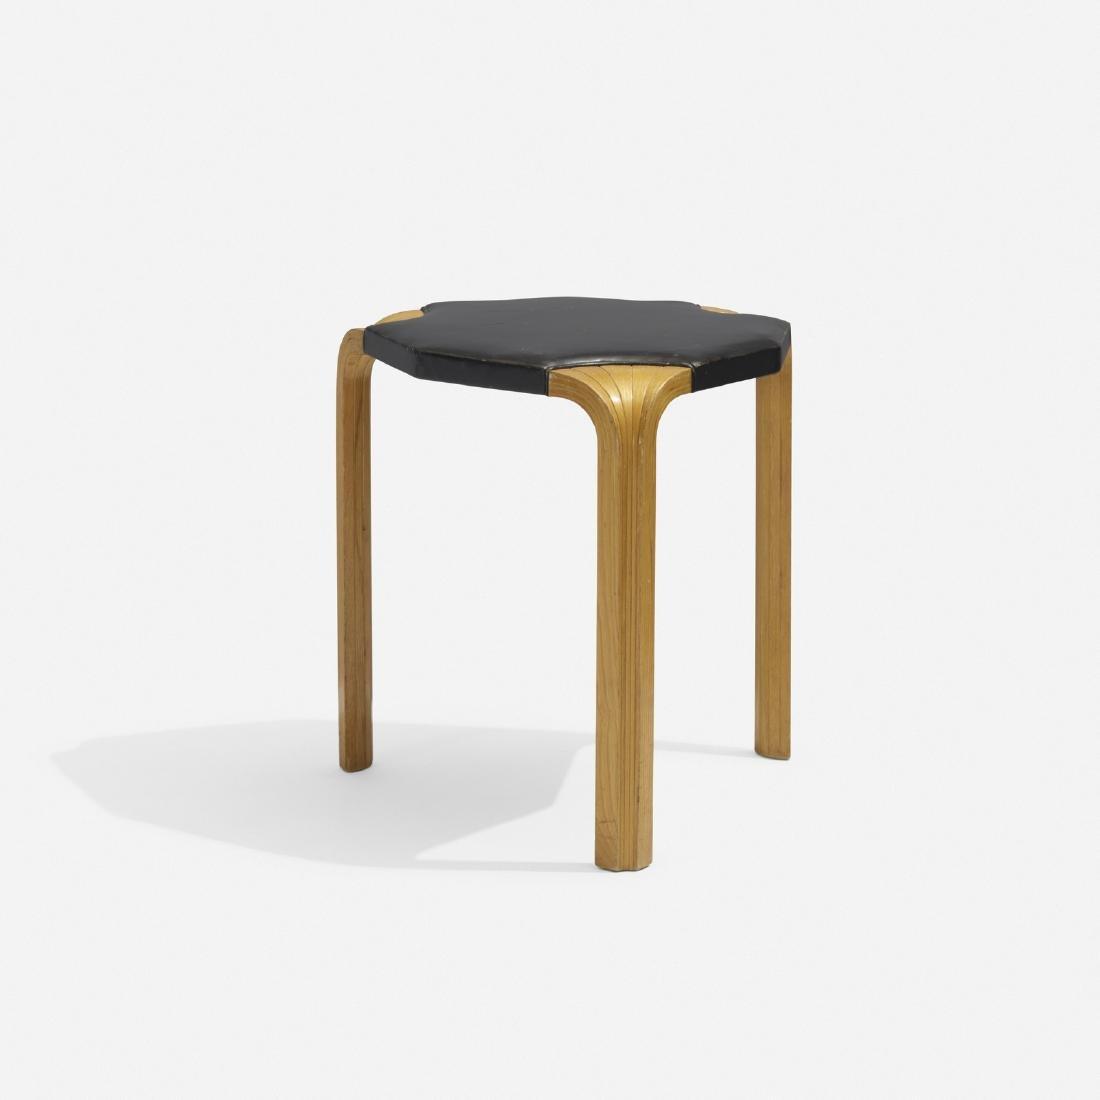 Alvar Aalto, X-Leg stool